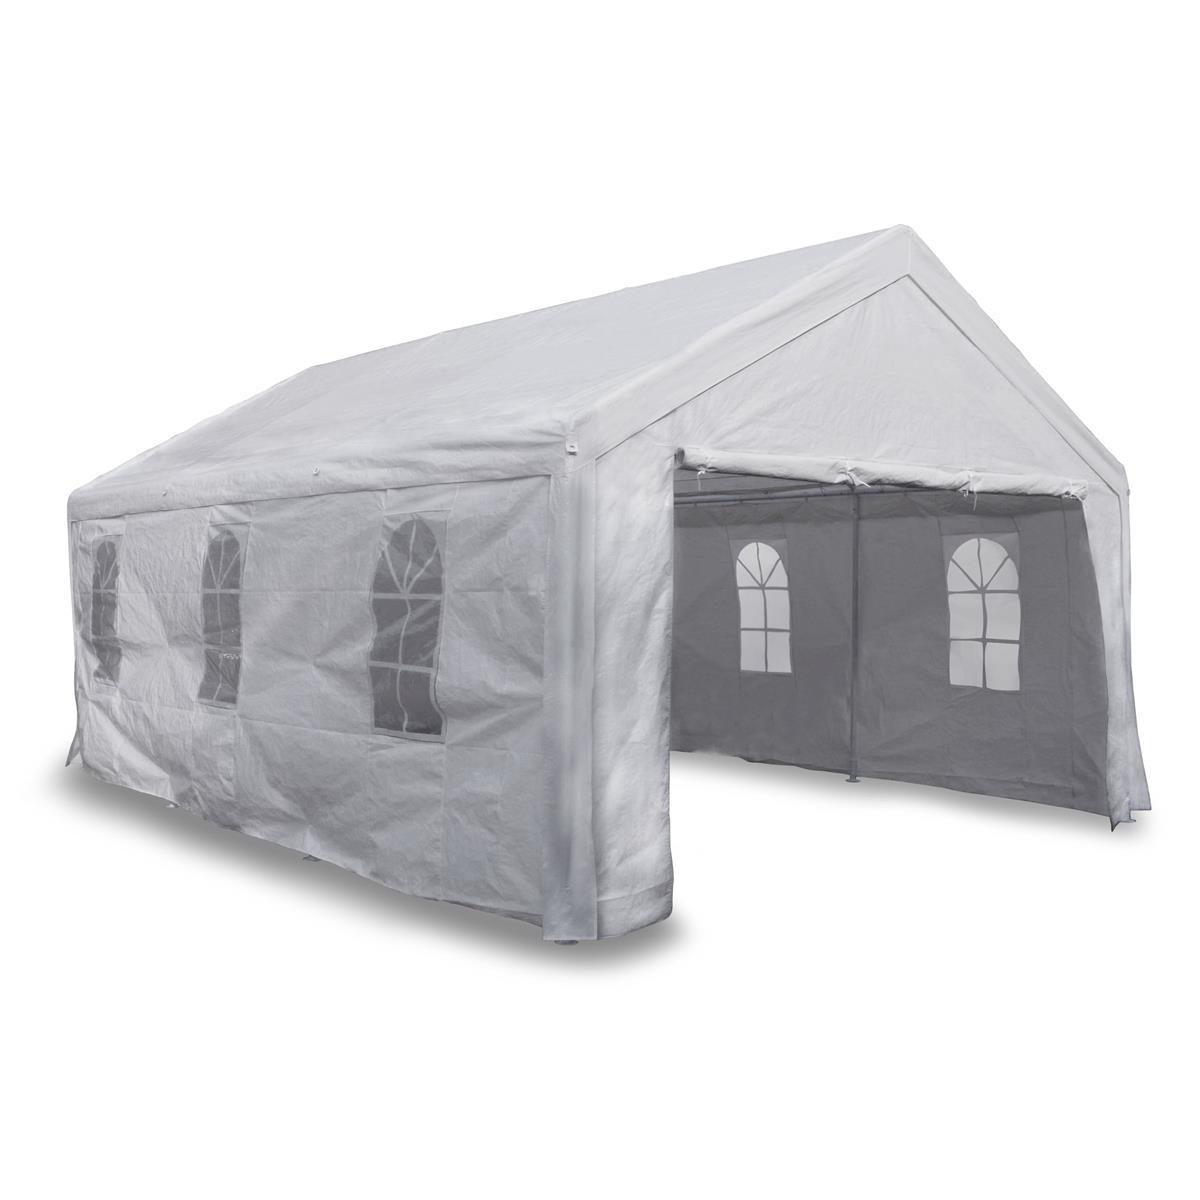 Festzelt Partyzelt Pavillon 4x6 m weiß mit Seitenteilen 180g/m² PE wasserdicht